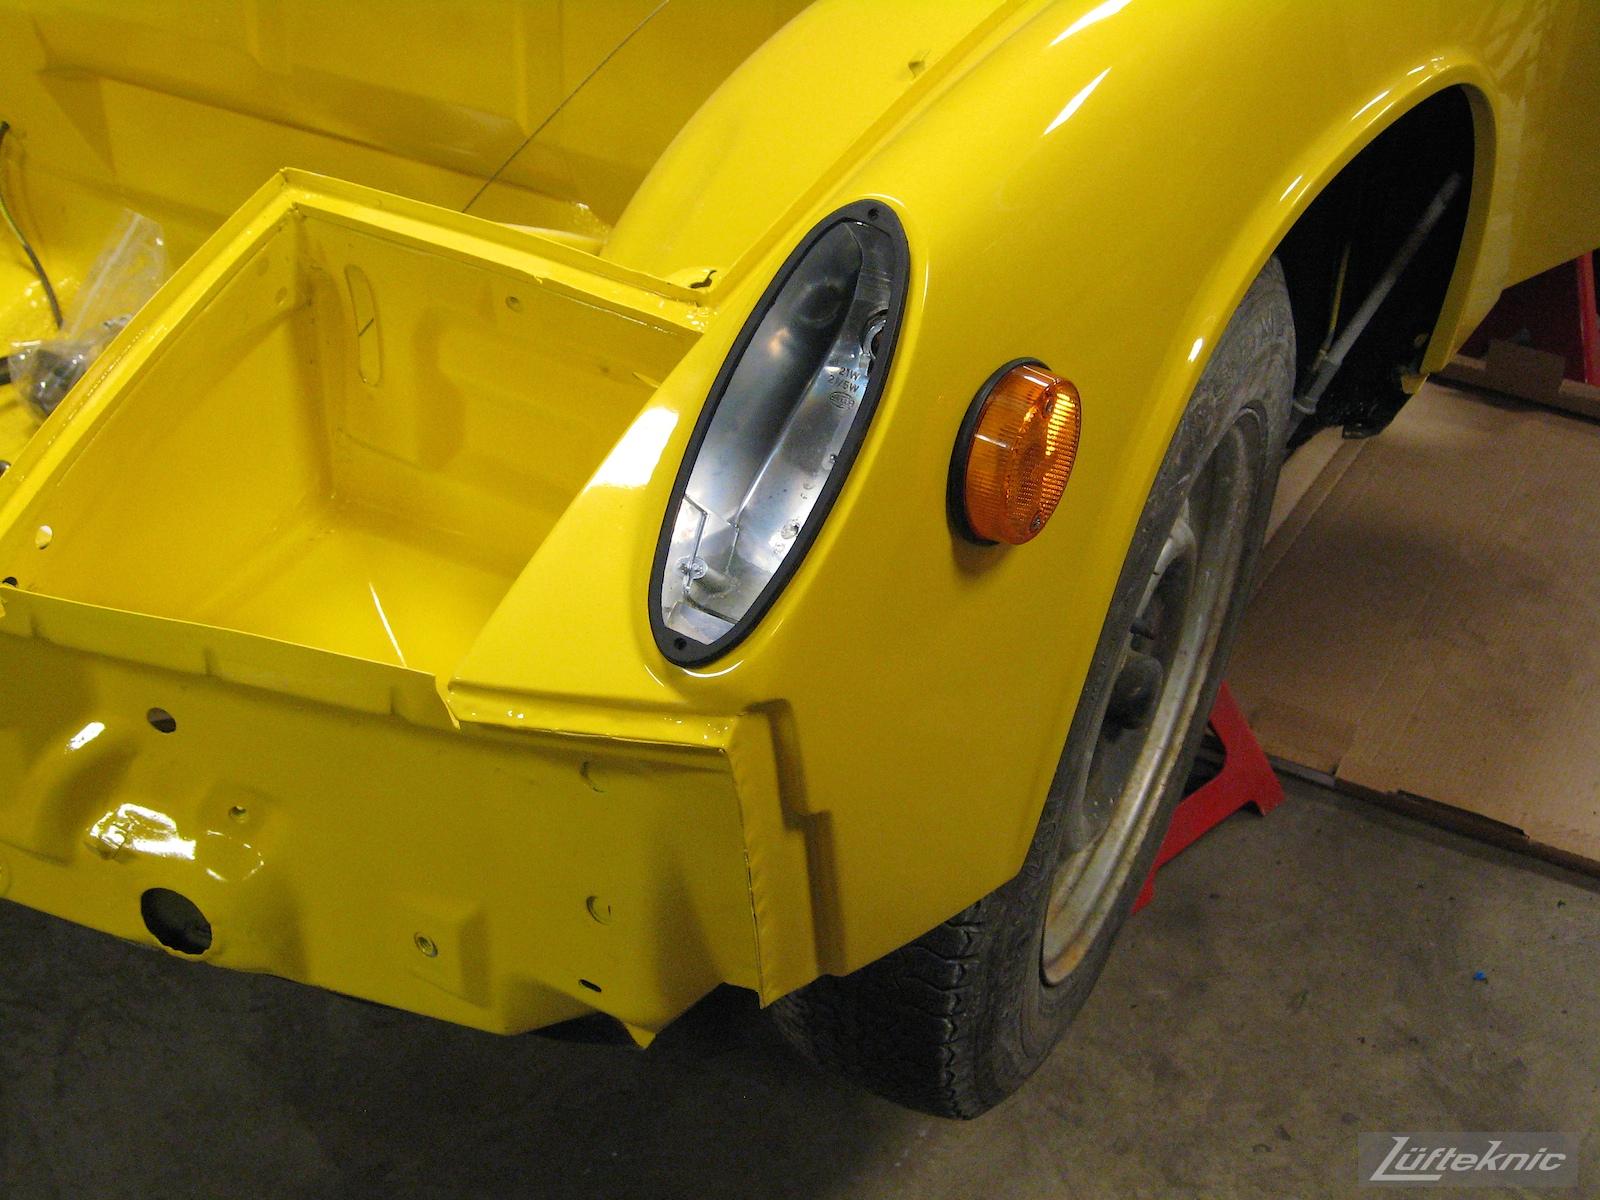 Reassembling a restored yellow Porsche 914 at Lufteknic.